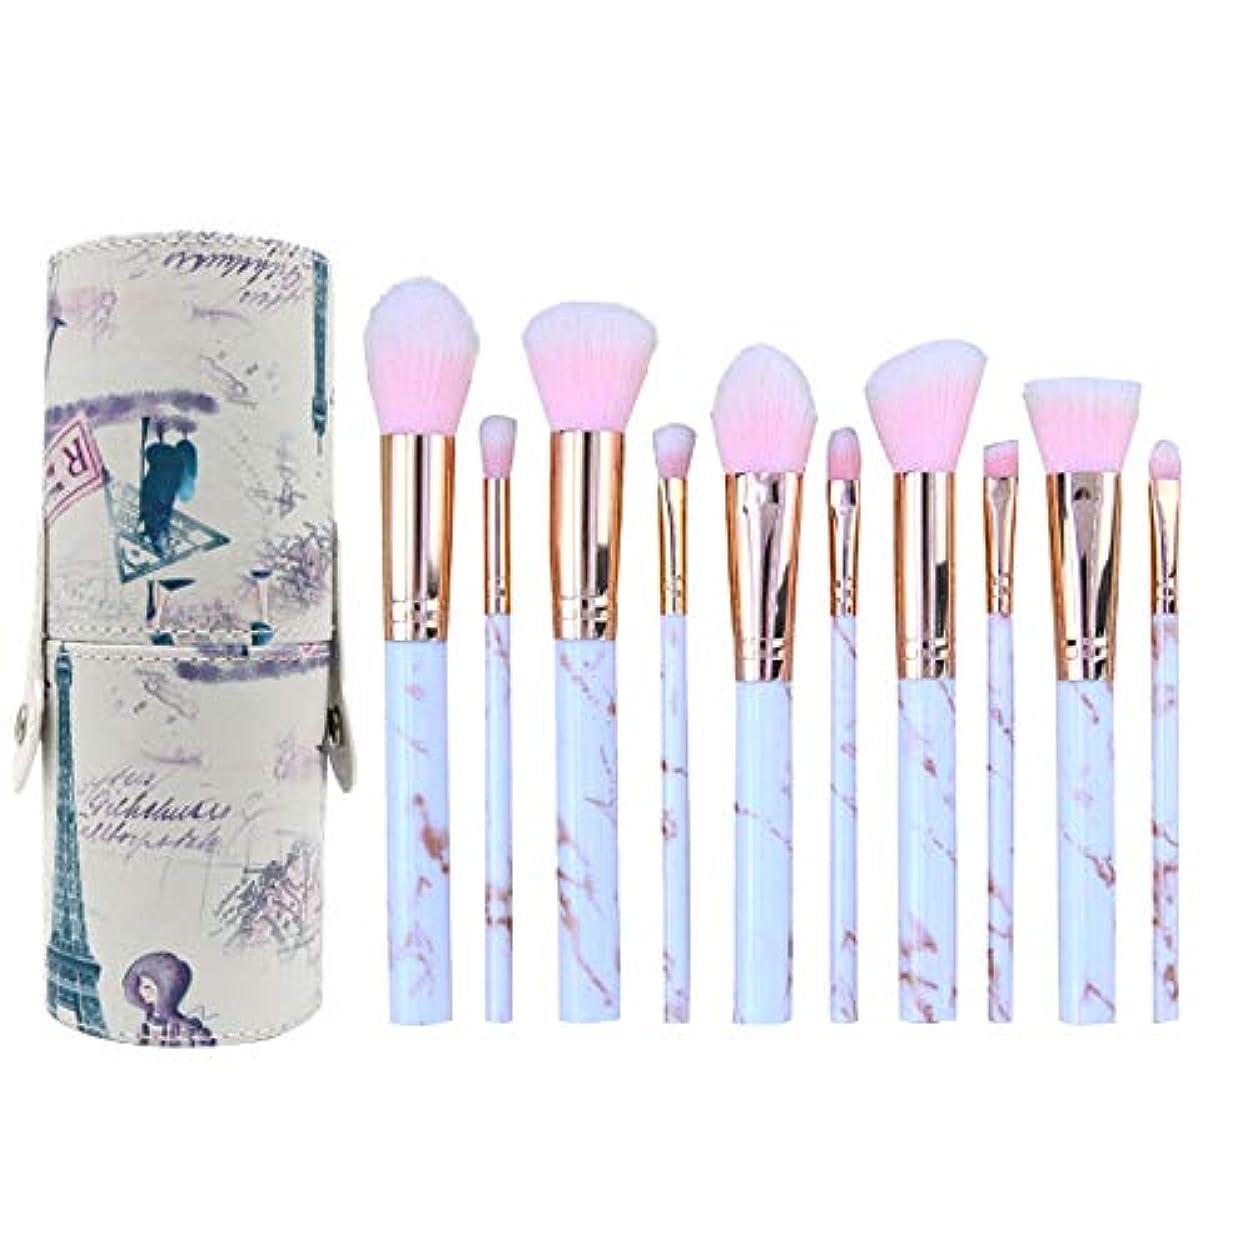 ジョットディボンドン異なる[RADISSY] メイクブラシ 化粧筆 フェイスブラシ 化粧ブラシ 10本セット 収納 ケース (ピンク)